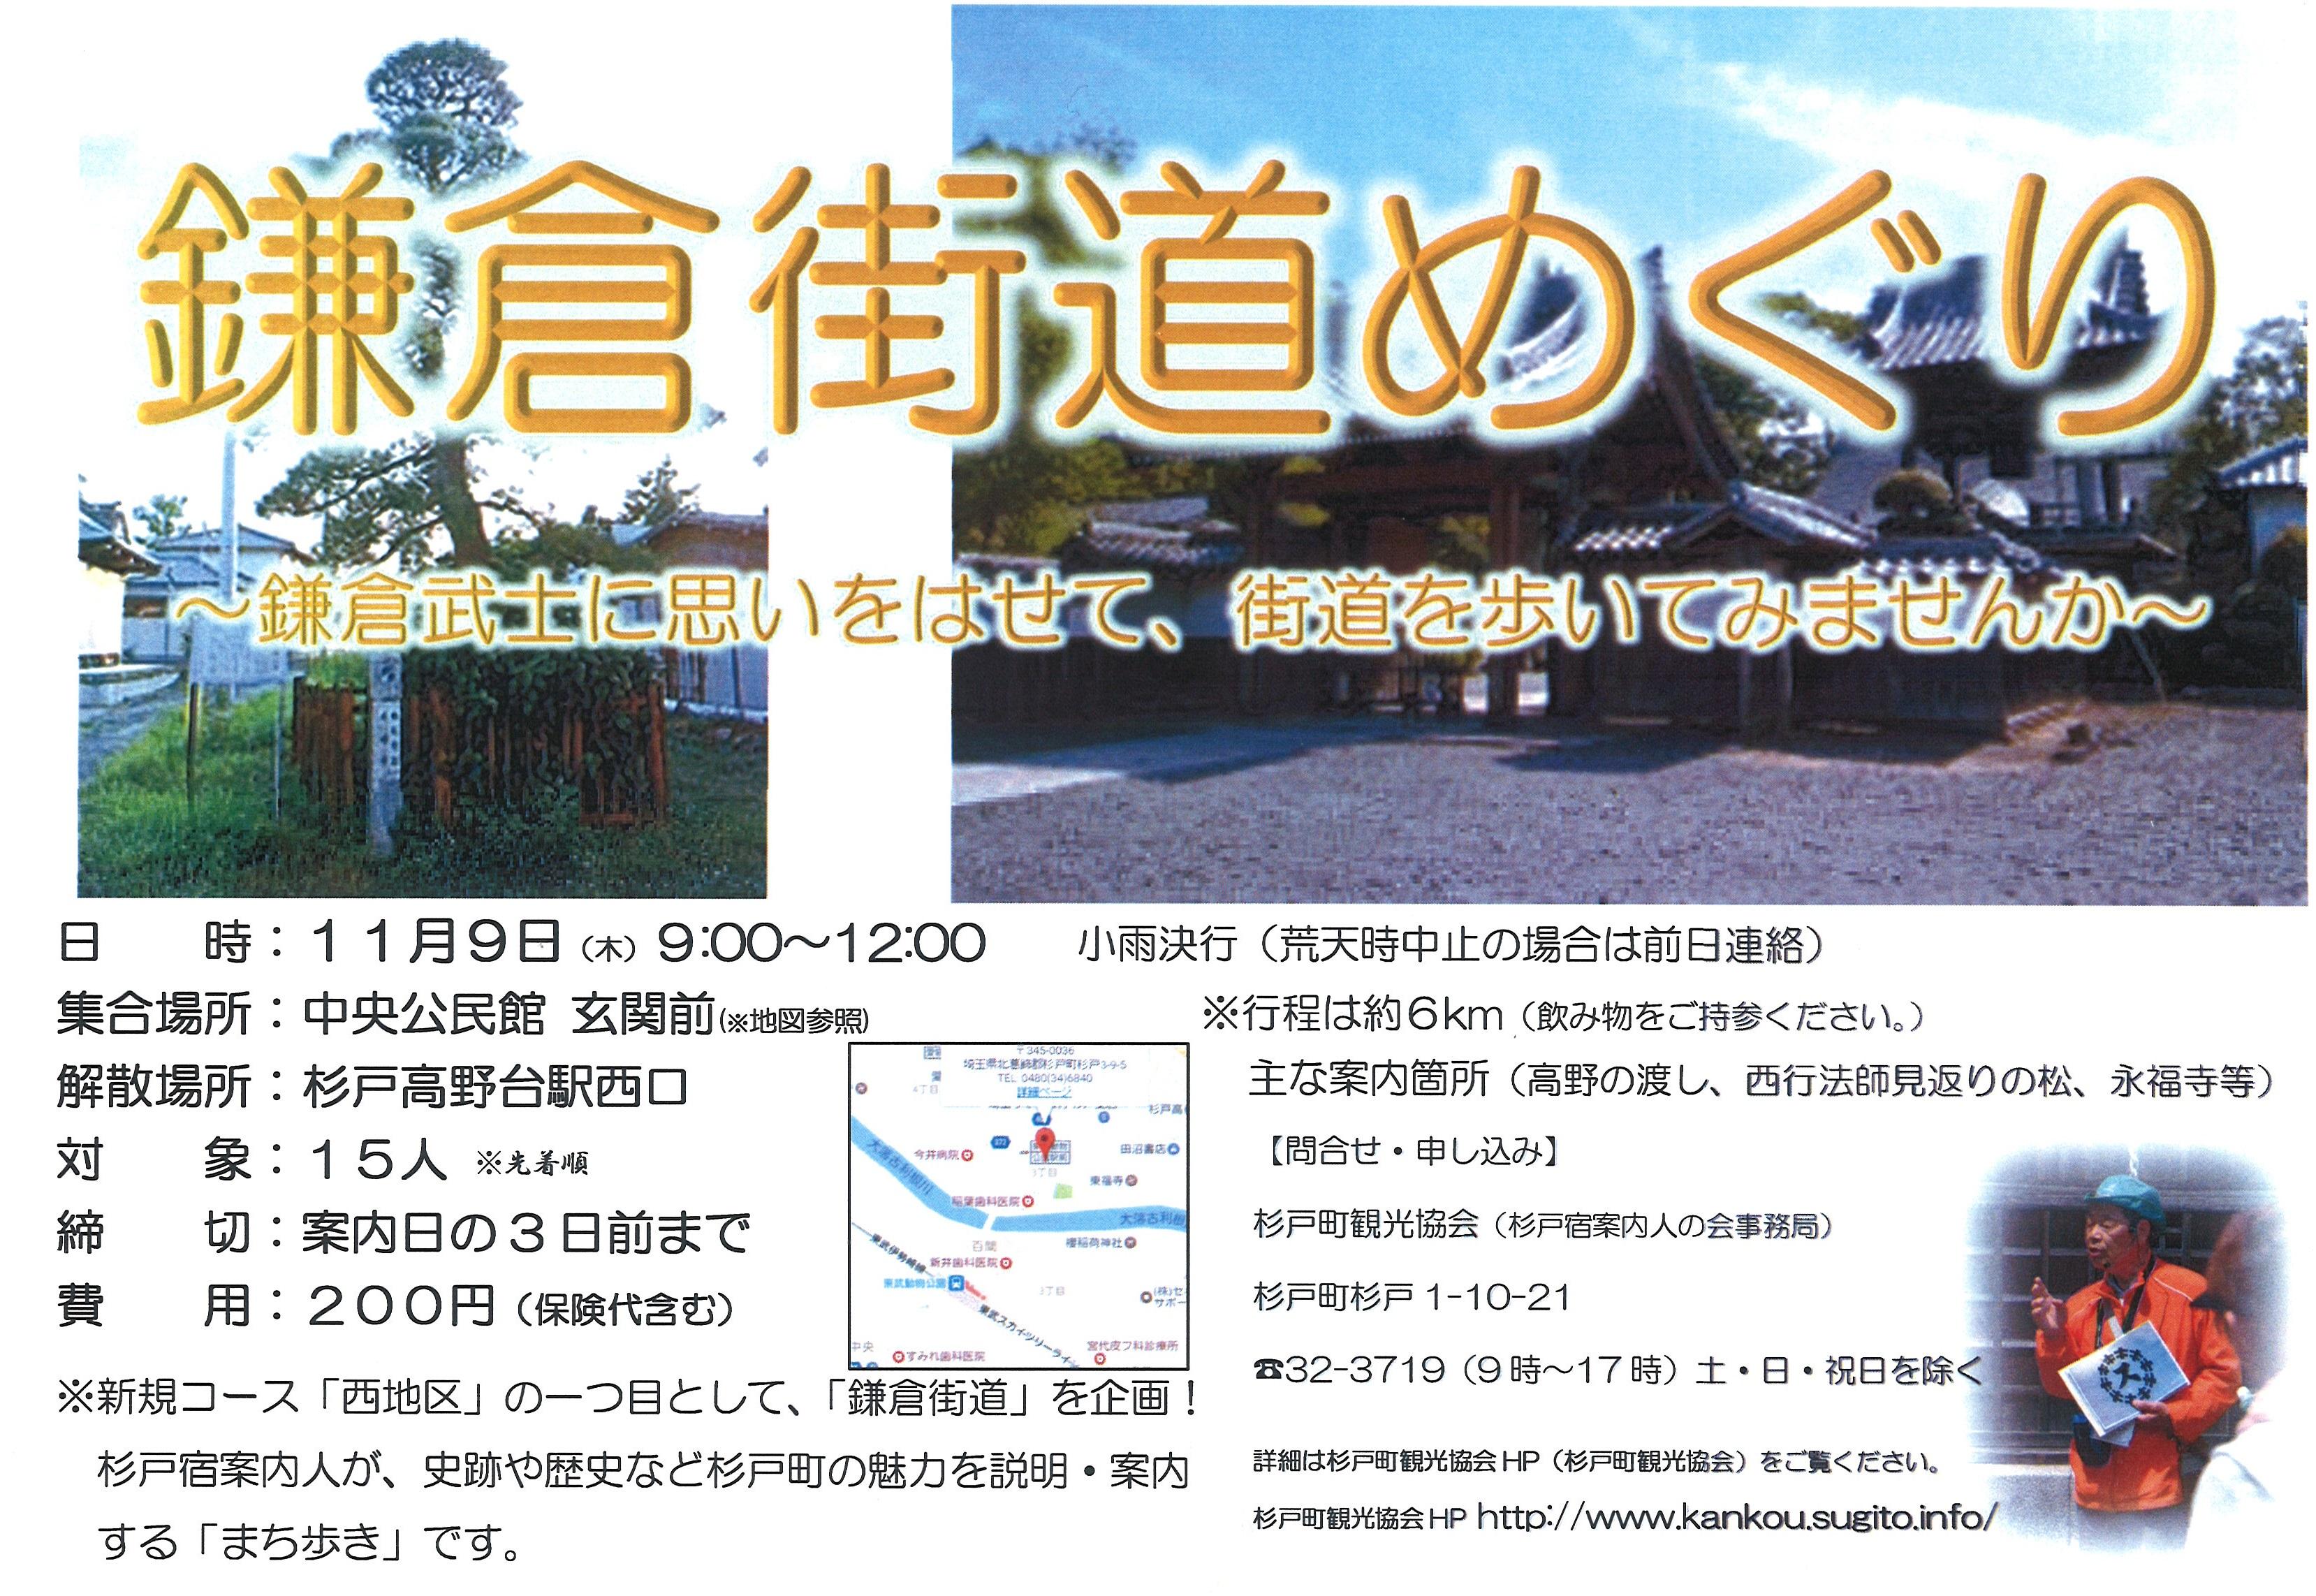 鎌倉街道めぐりチラシ20171109